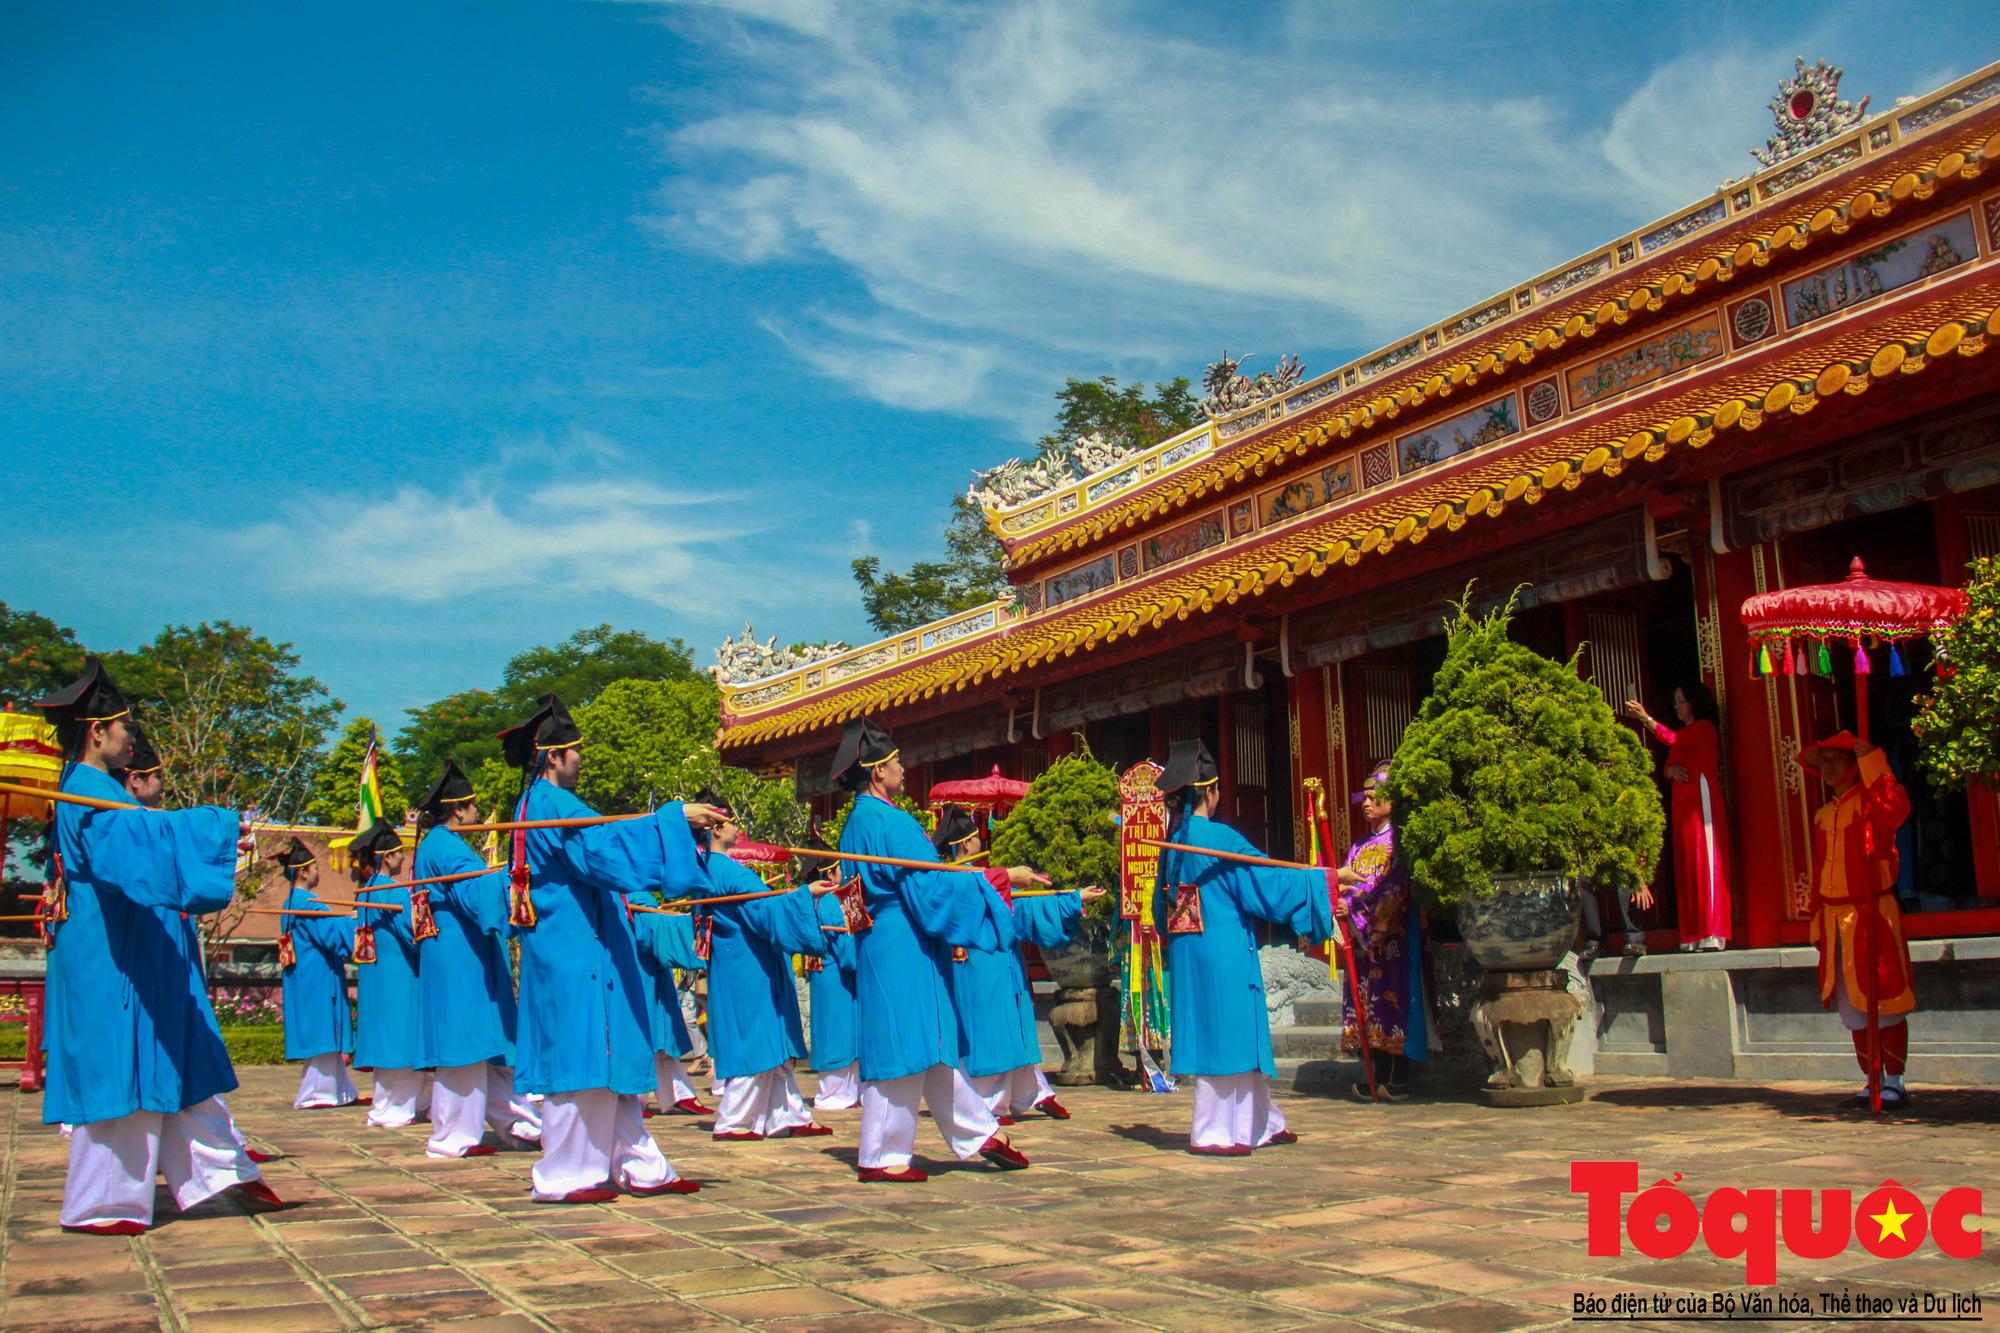 Hàng trăm tà áo dài diễu hành trên phố tri ân chúa Nguyễn Phúc Khoát - Ảnh 12.